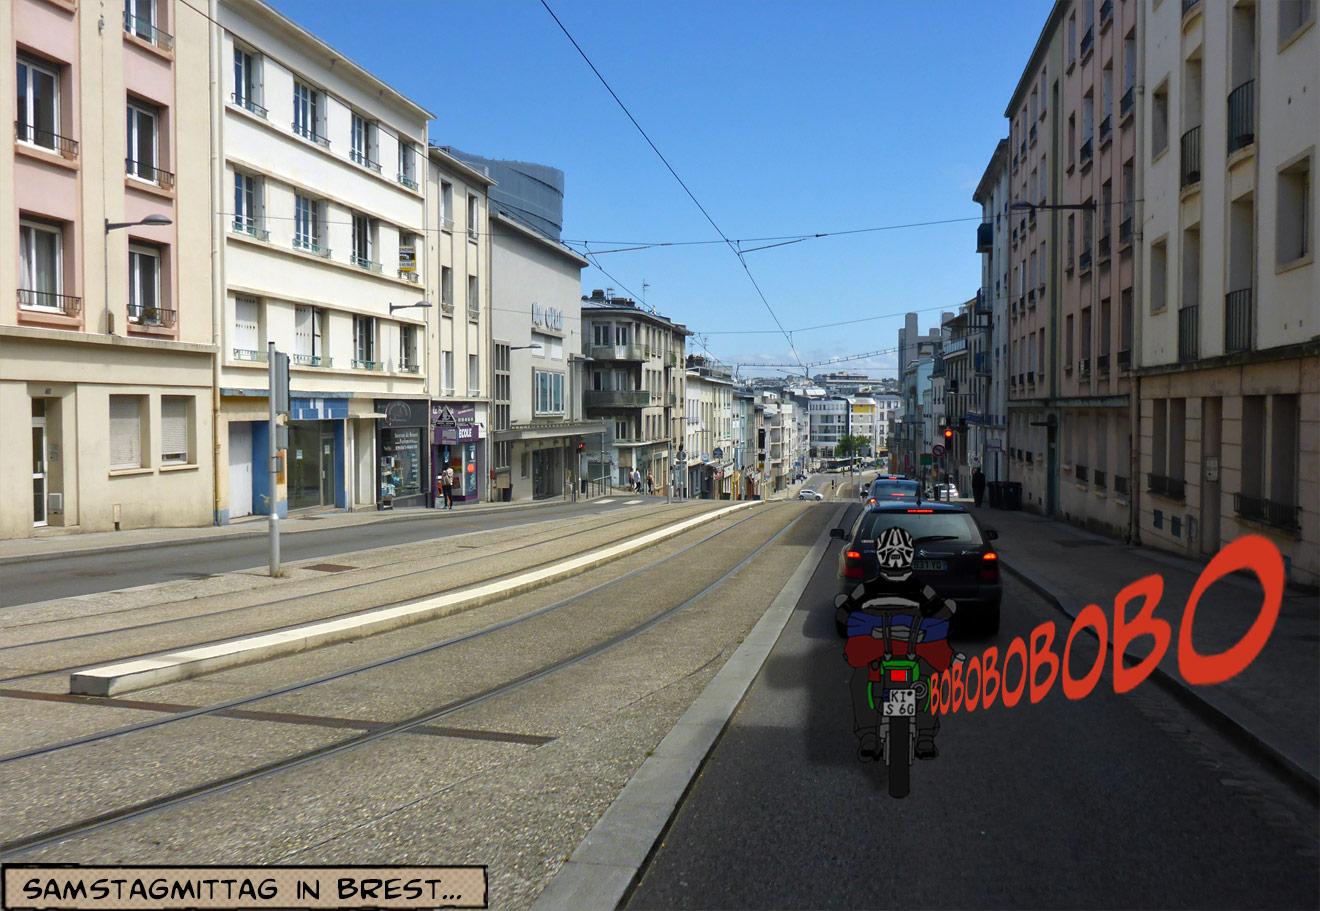 Straßenansicht in Brest